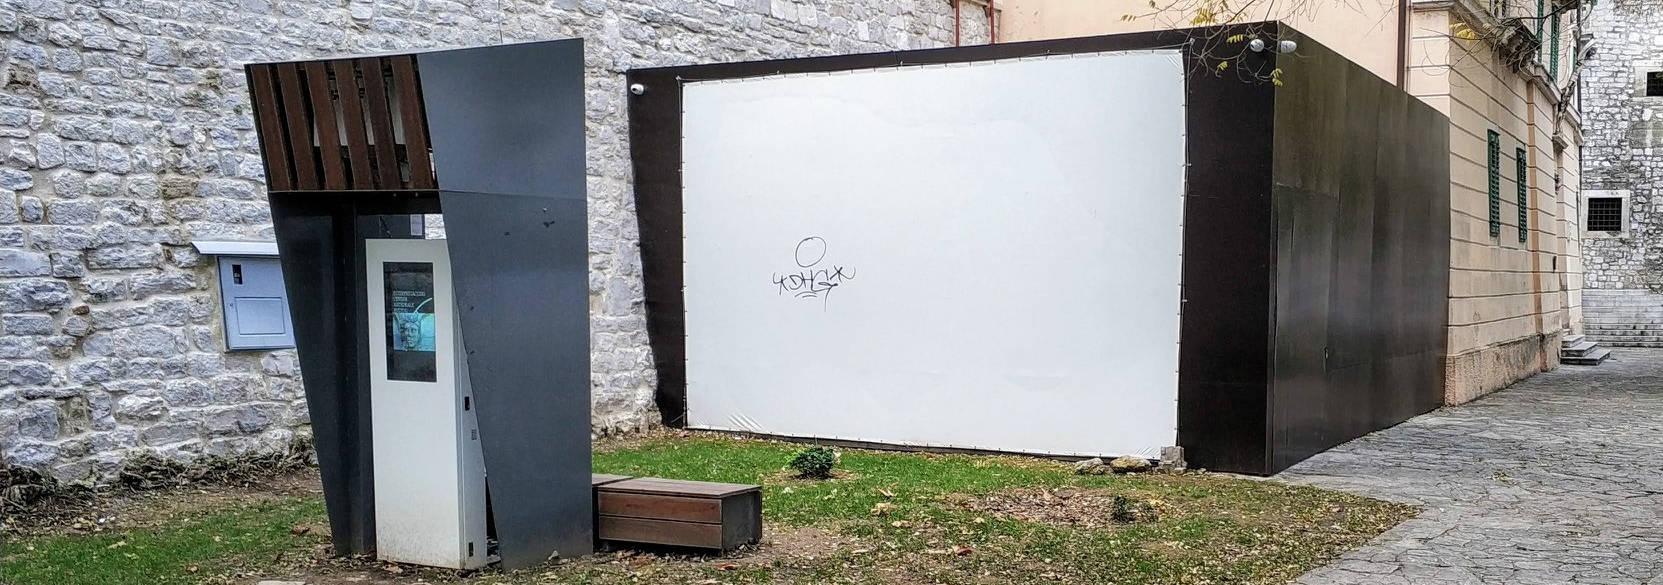 Kome je gušt vandalizirati?